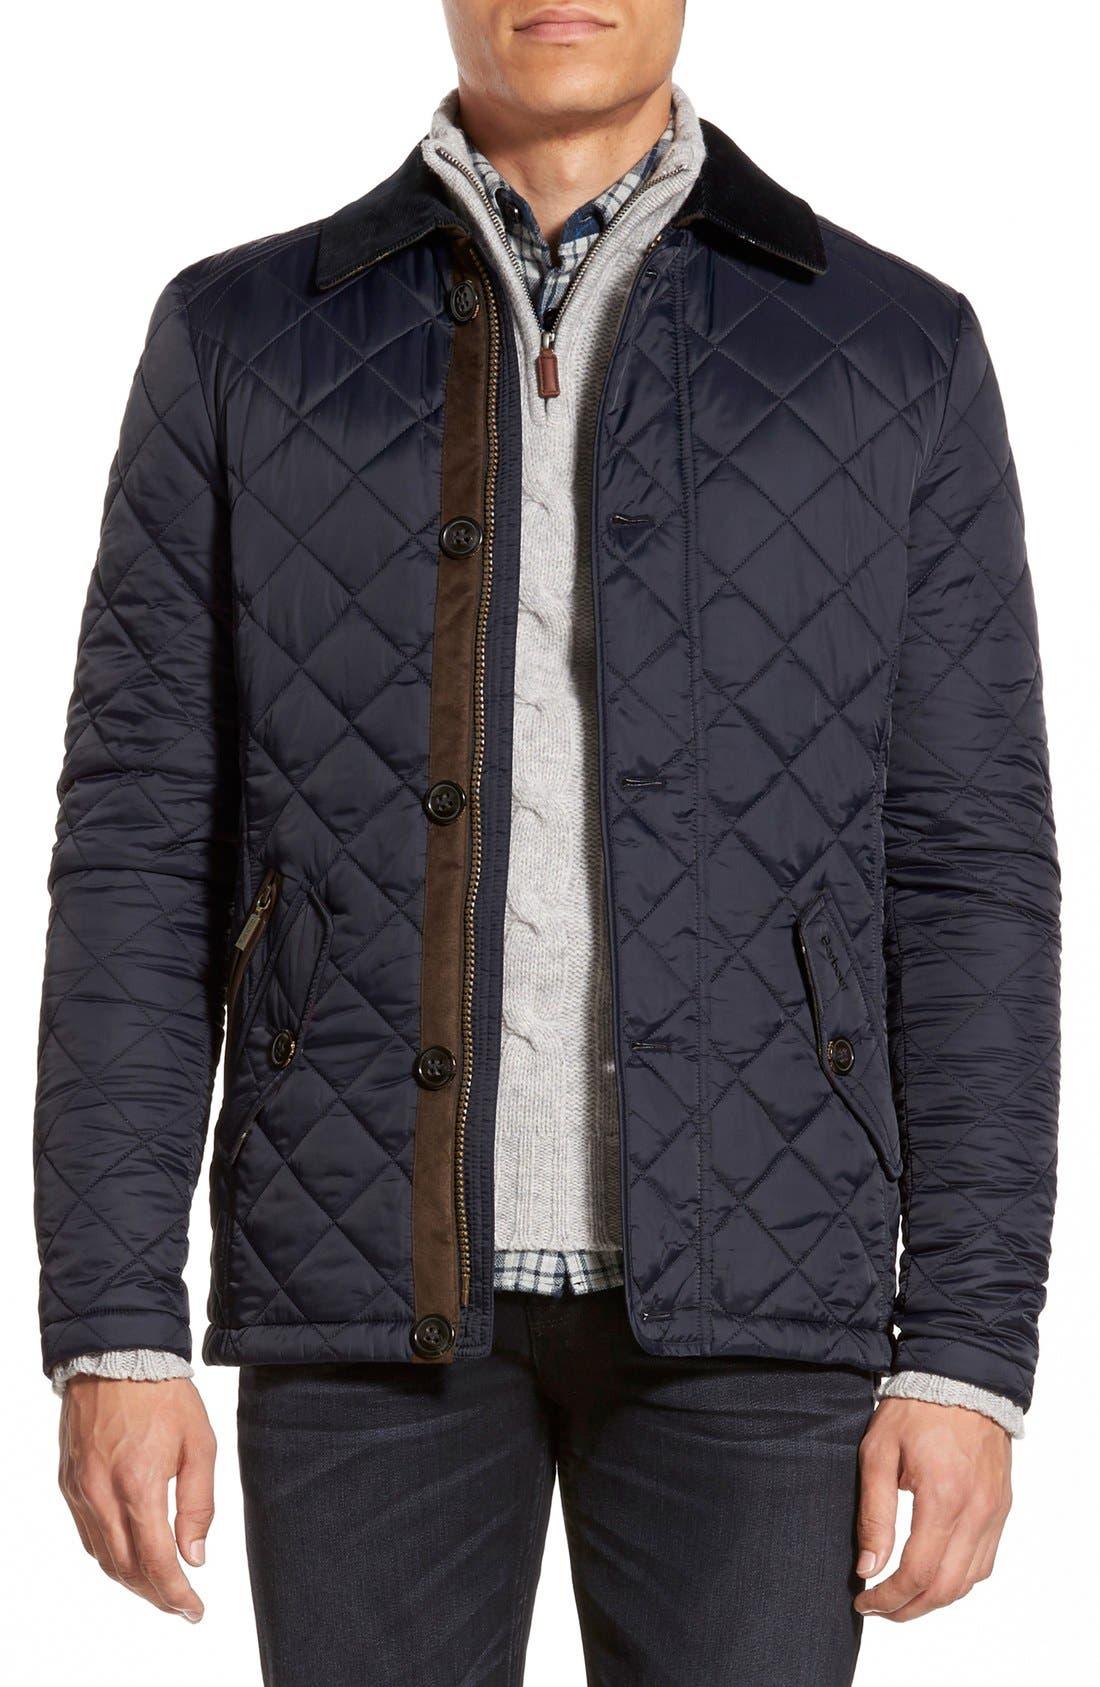 Alternate Image 1 Selected - Barbour 'Fortnum' Regular Fit Quilted Jacket